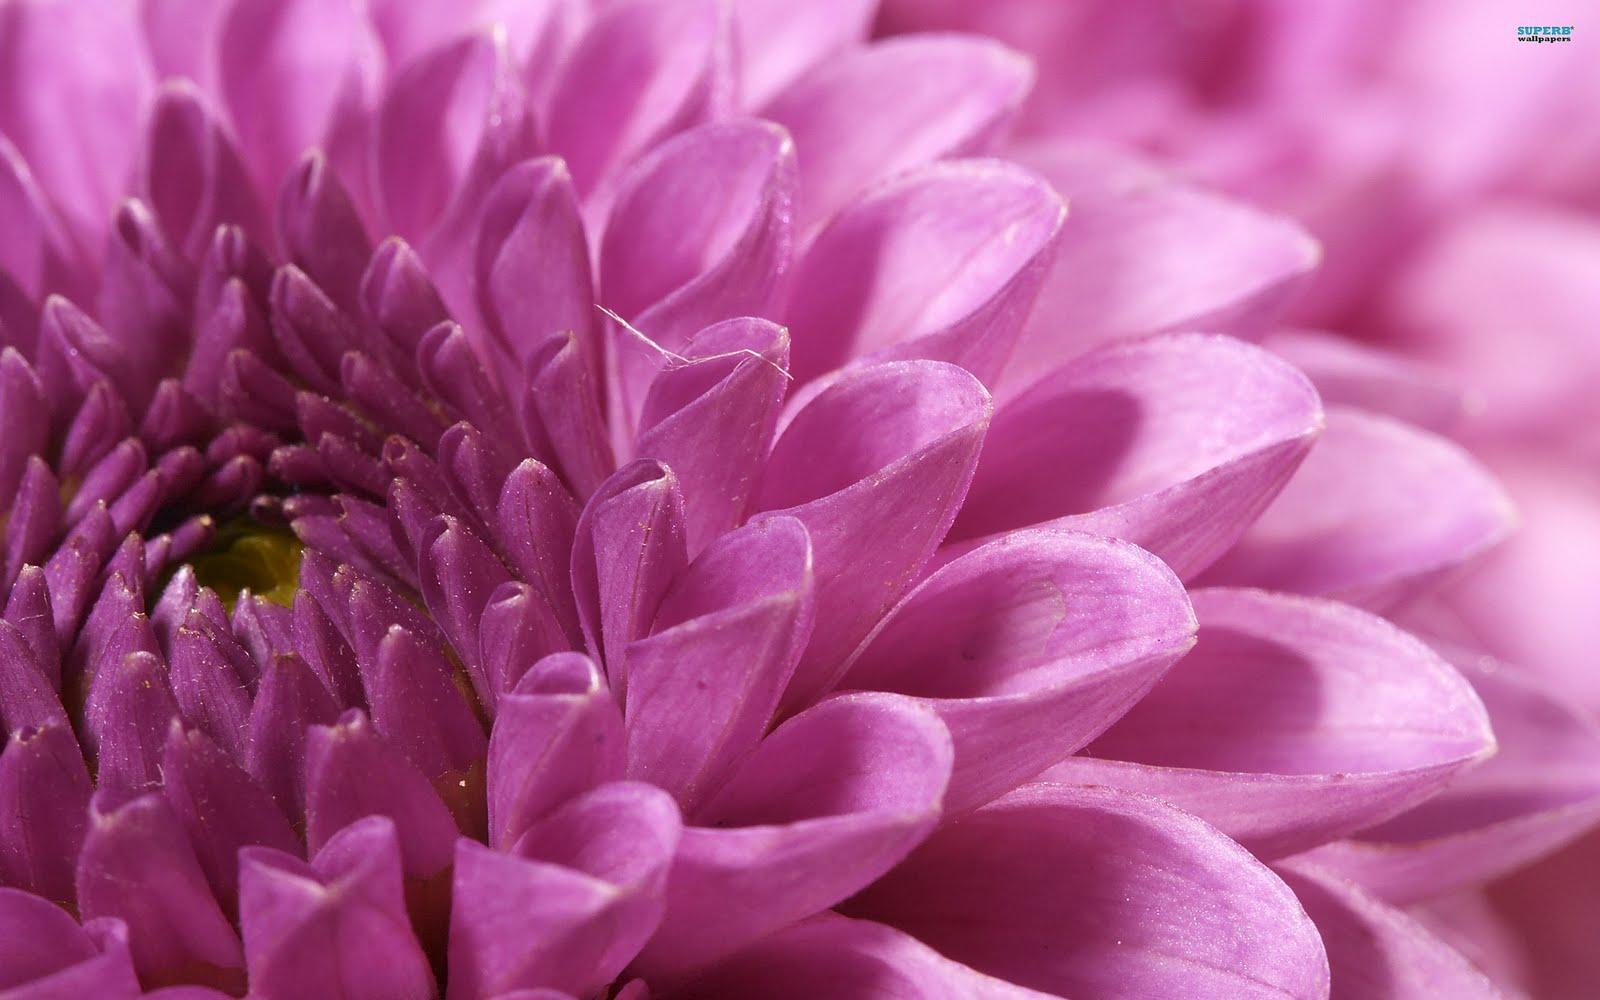 Макро обои цветы на рабочий стол